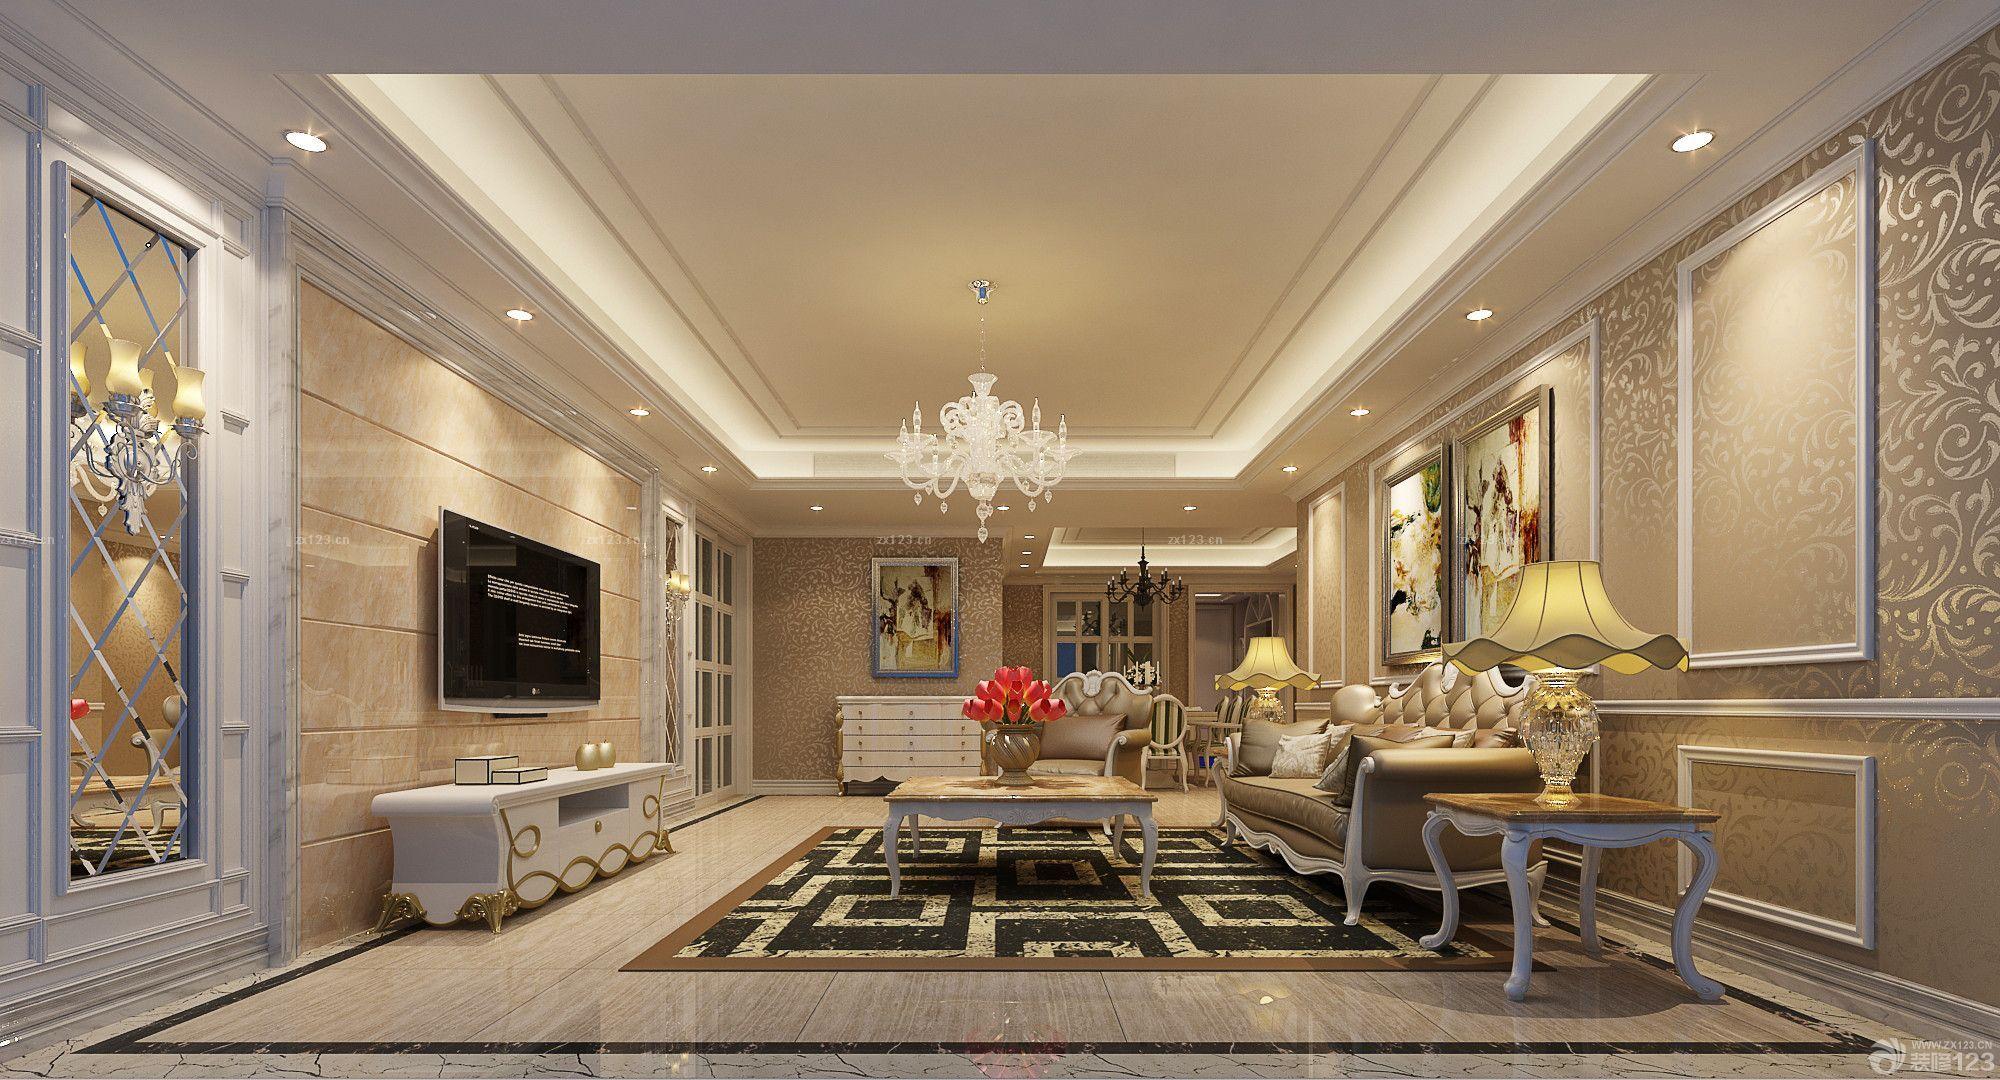 160平米家装客厅欧式风格客厅墙纸装饰效果图图片